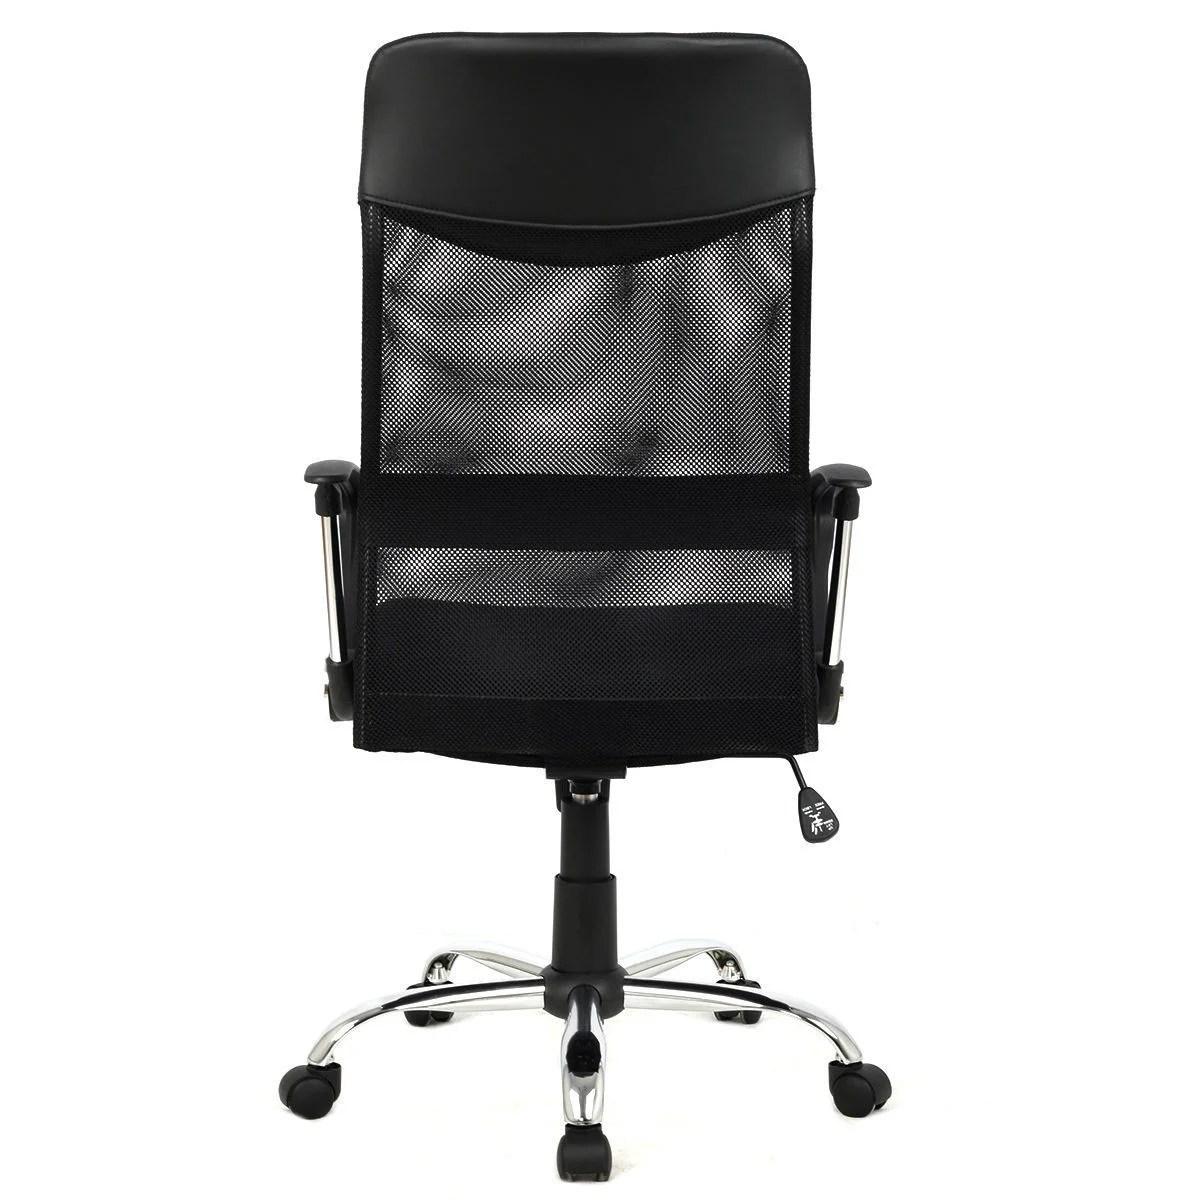 desk chair high brown bean bag thornton 39s office supplies back mesh wayfair